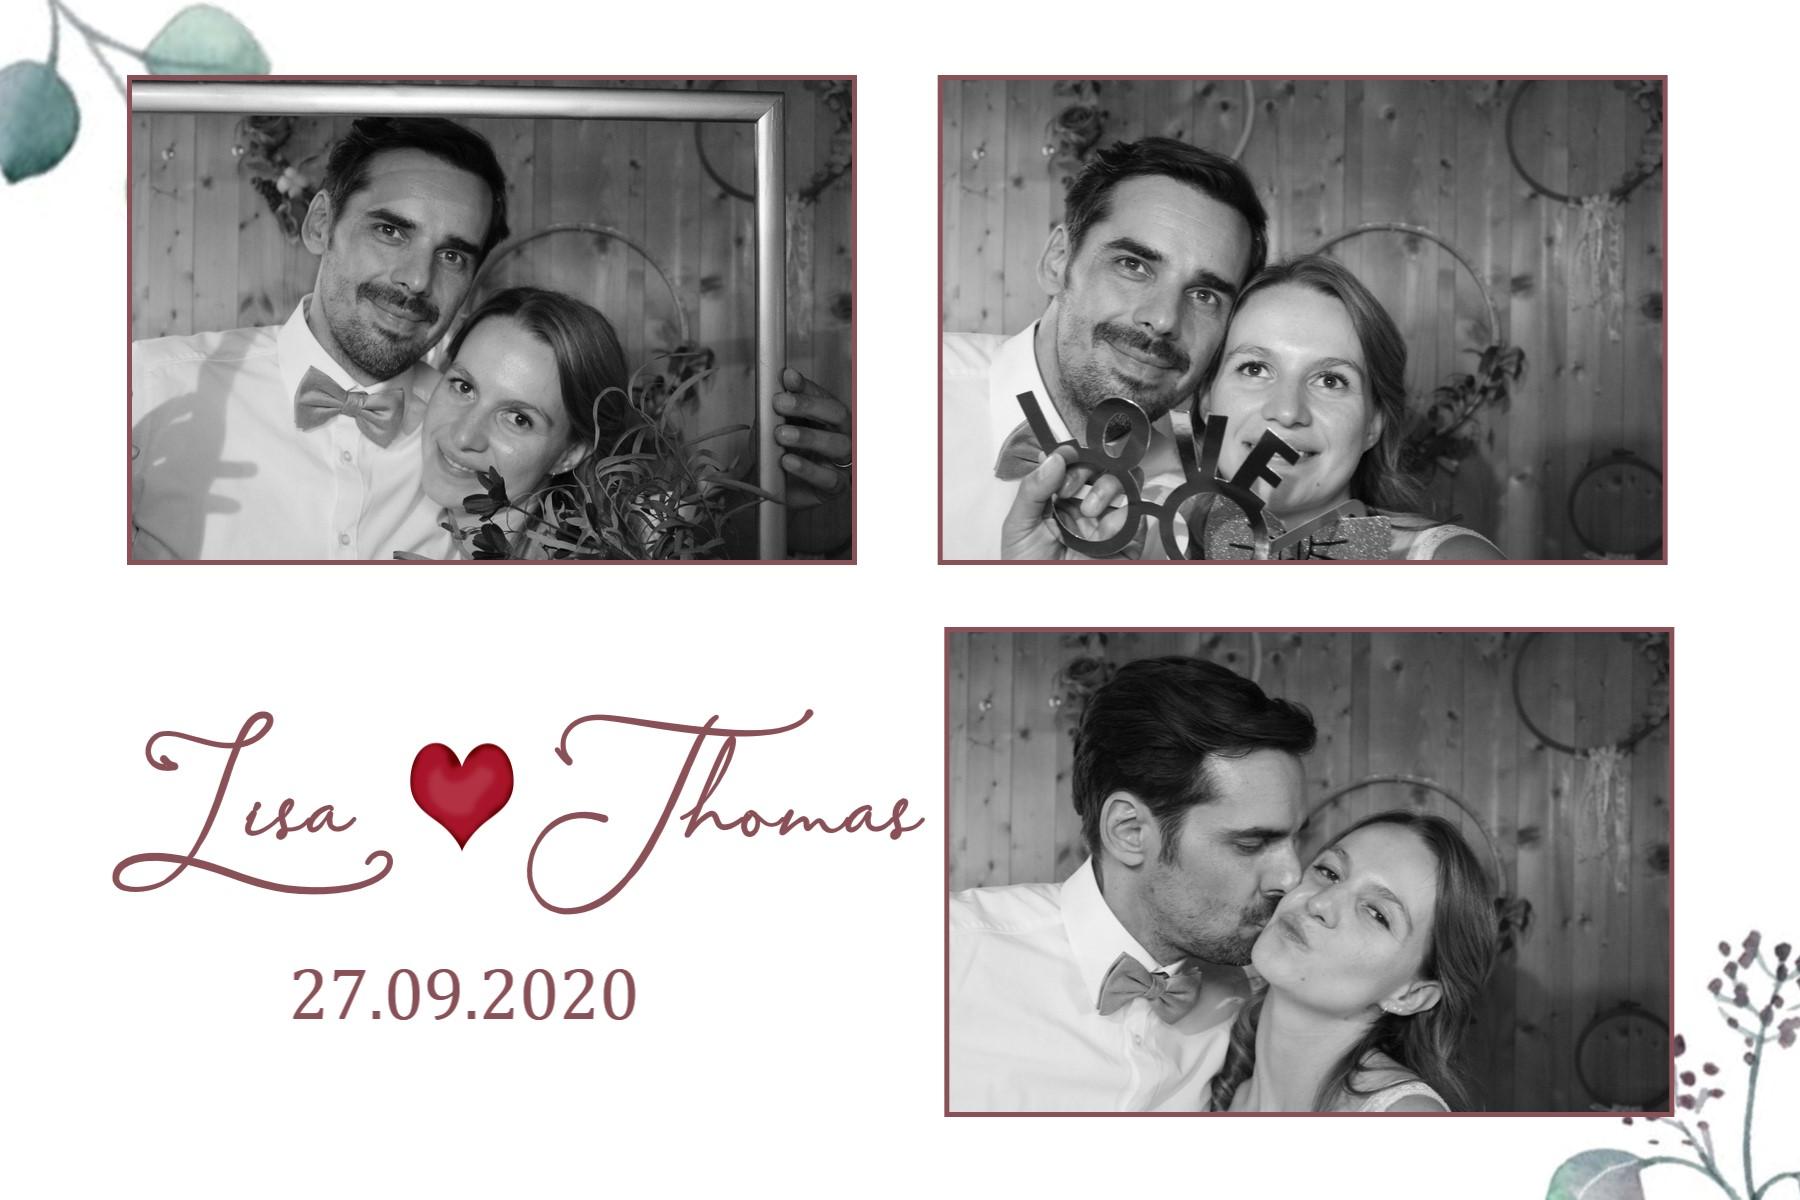 Lisa & Thomas